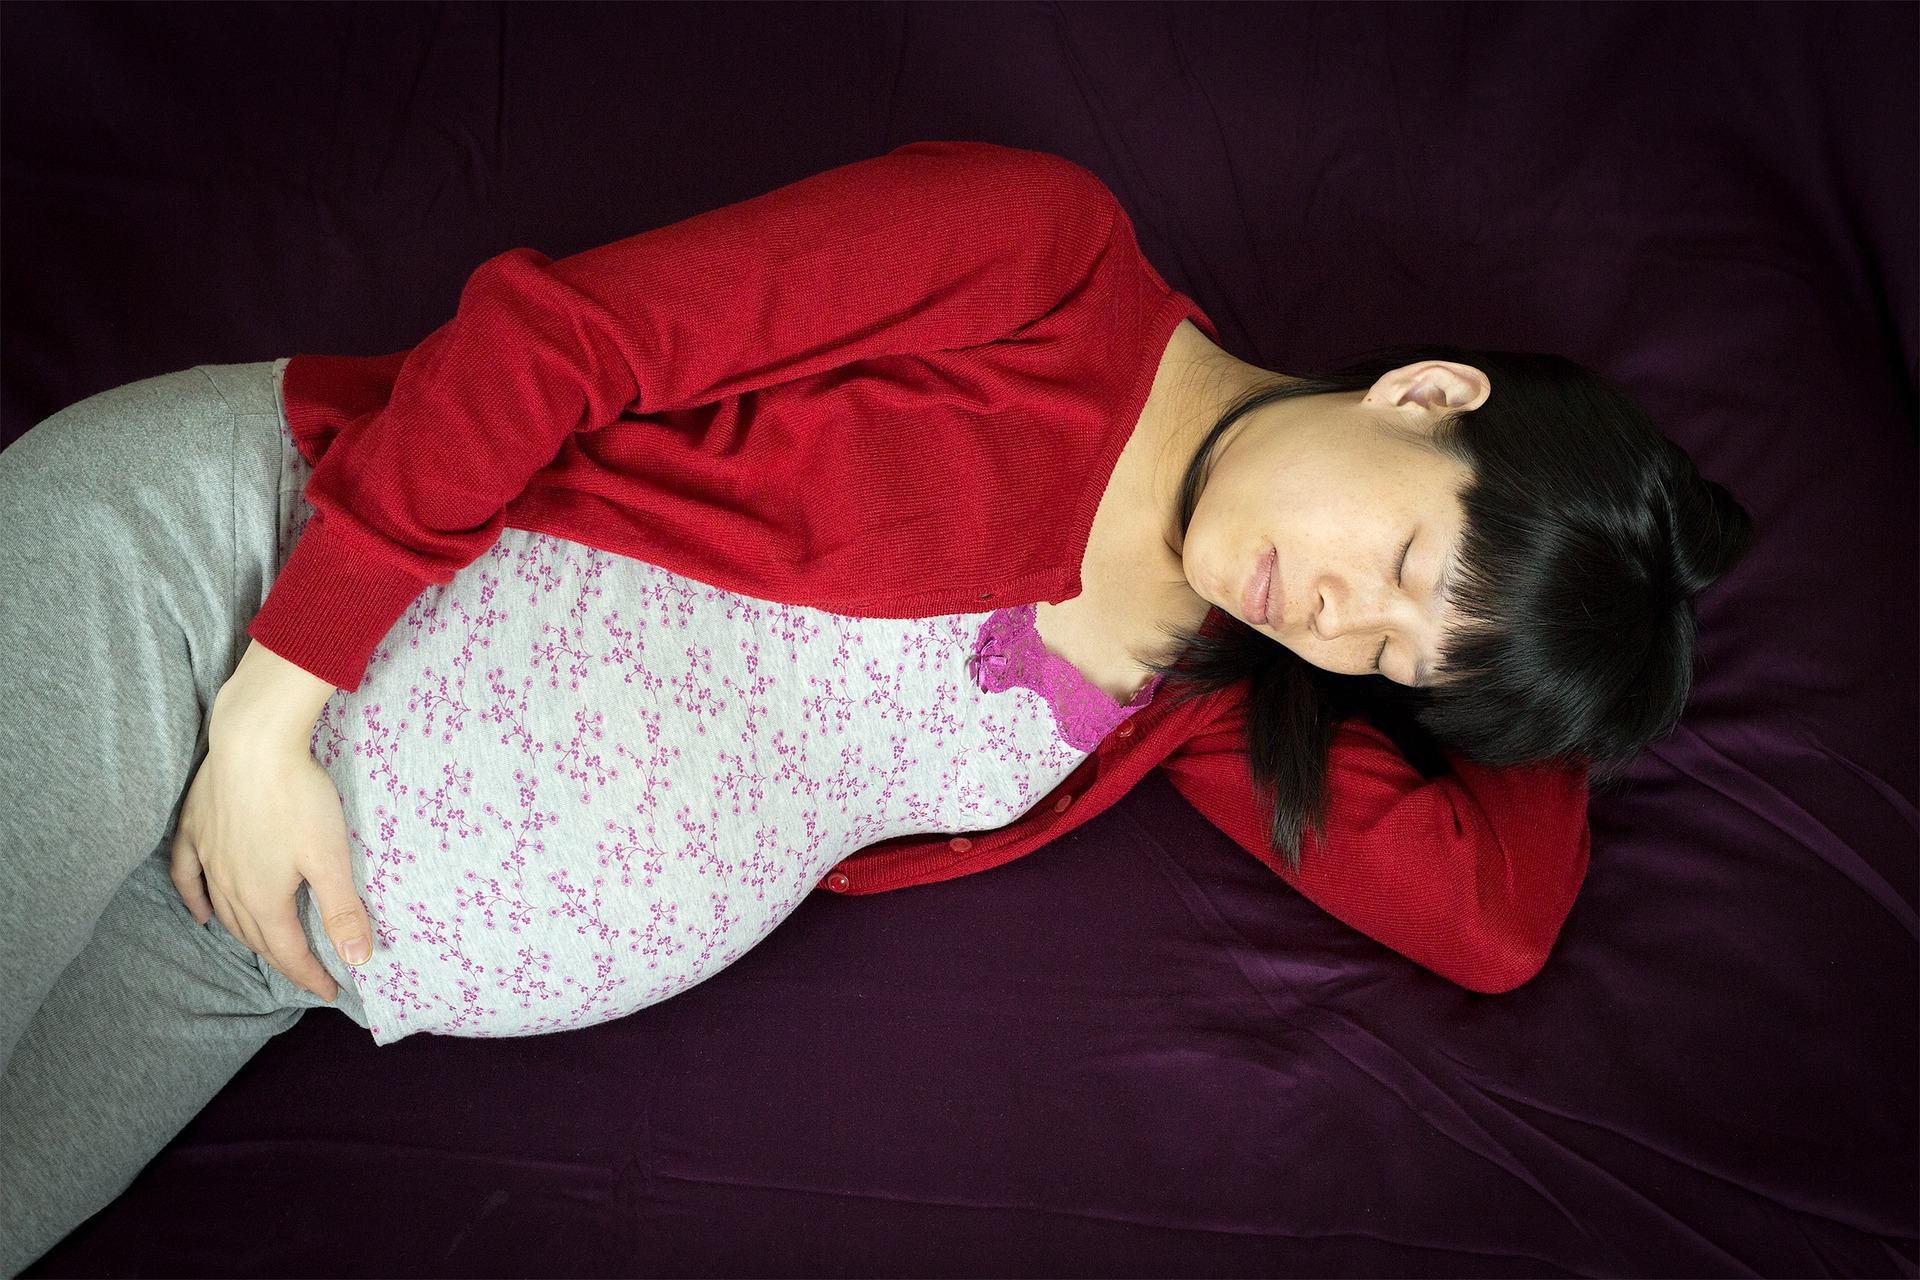 How to Sleep When Pregnant - Sleep Position